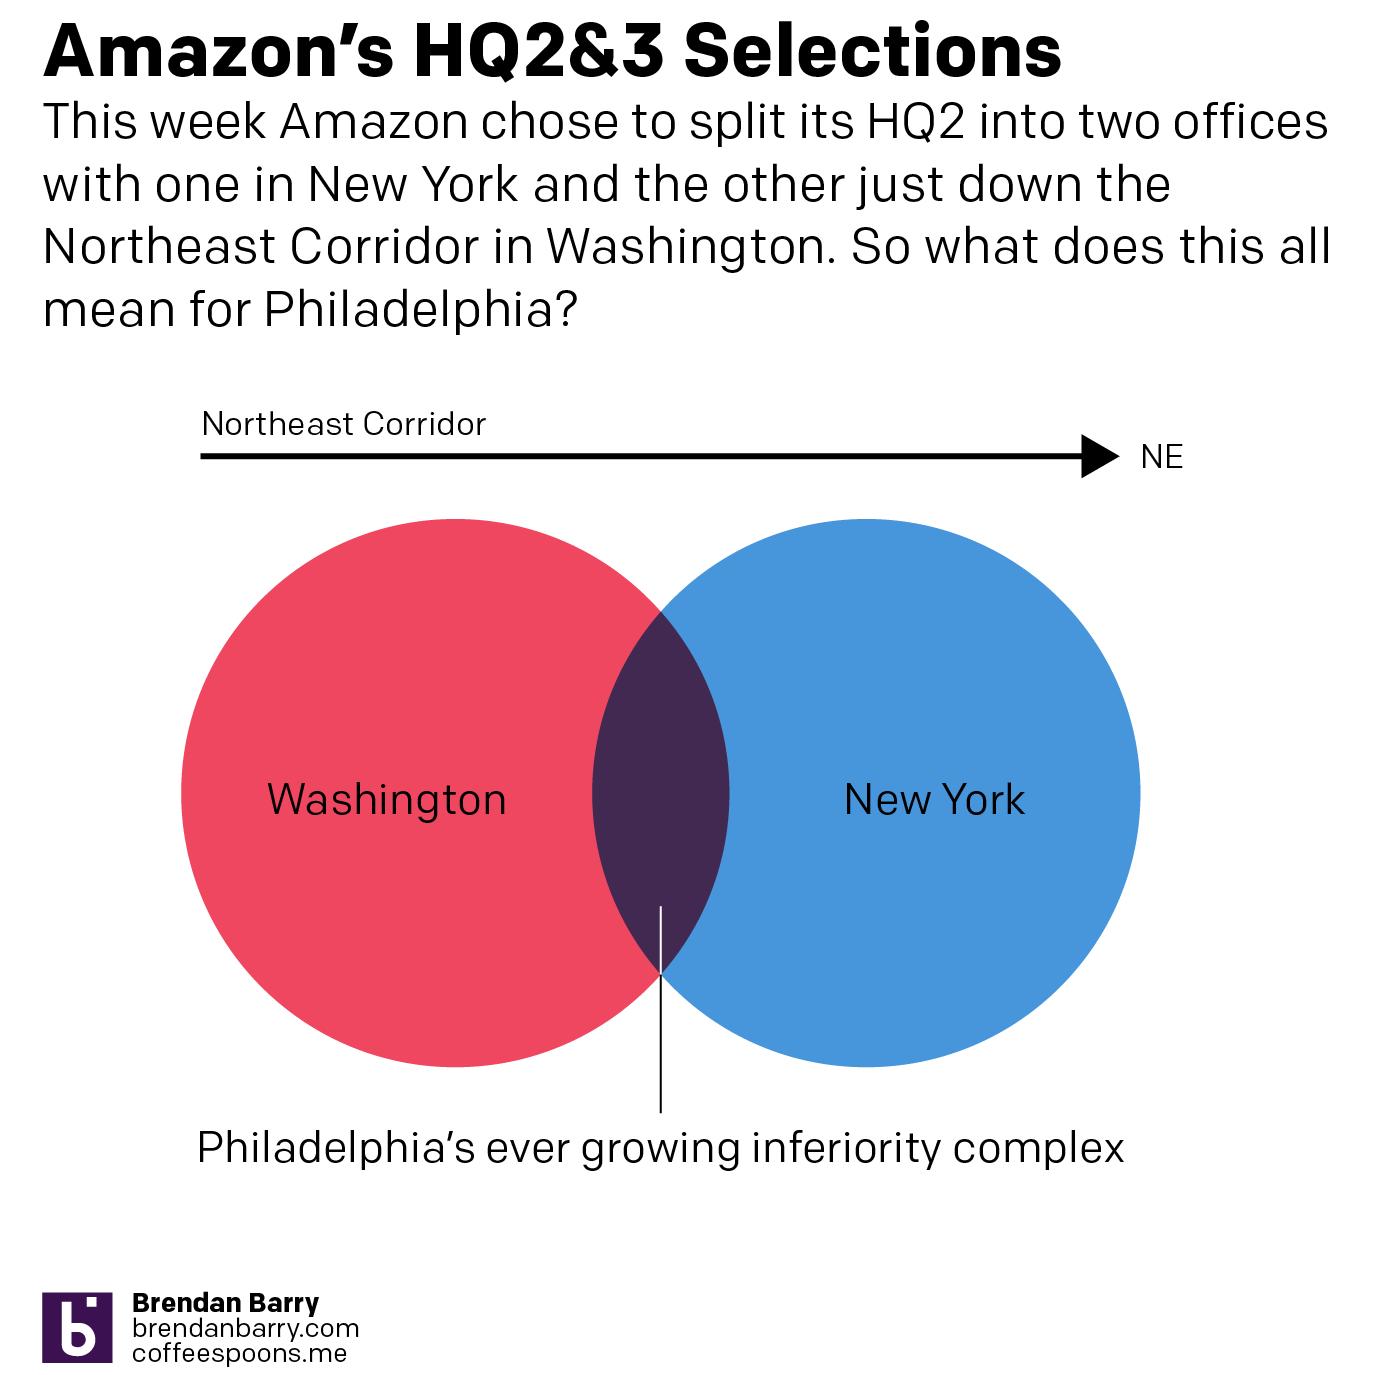 No Amazon in Philadelphia